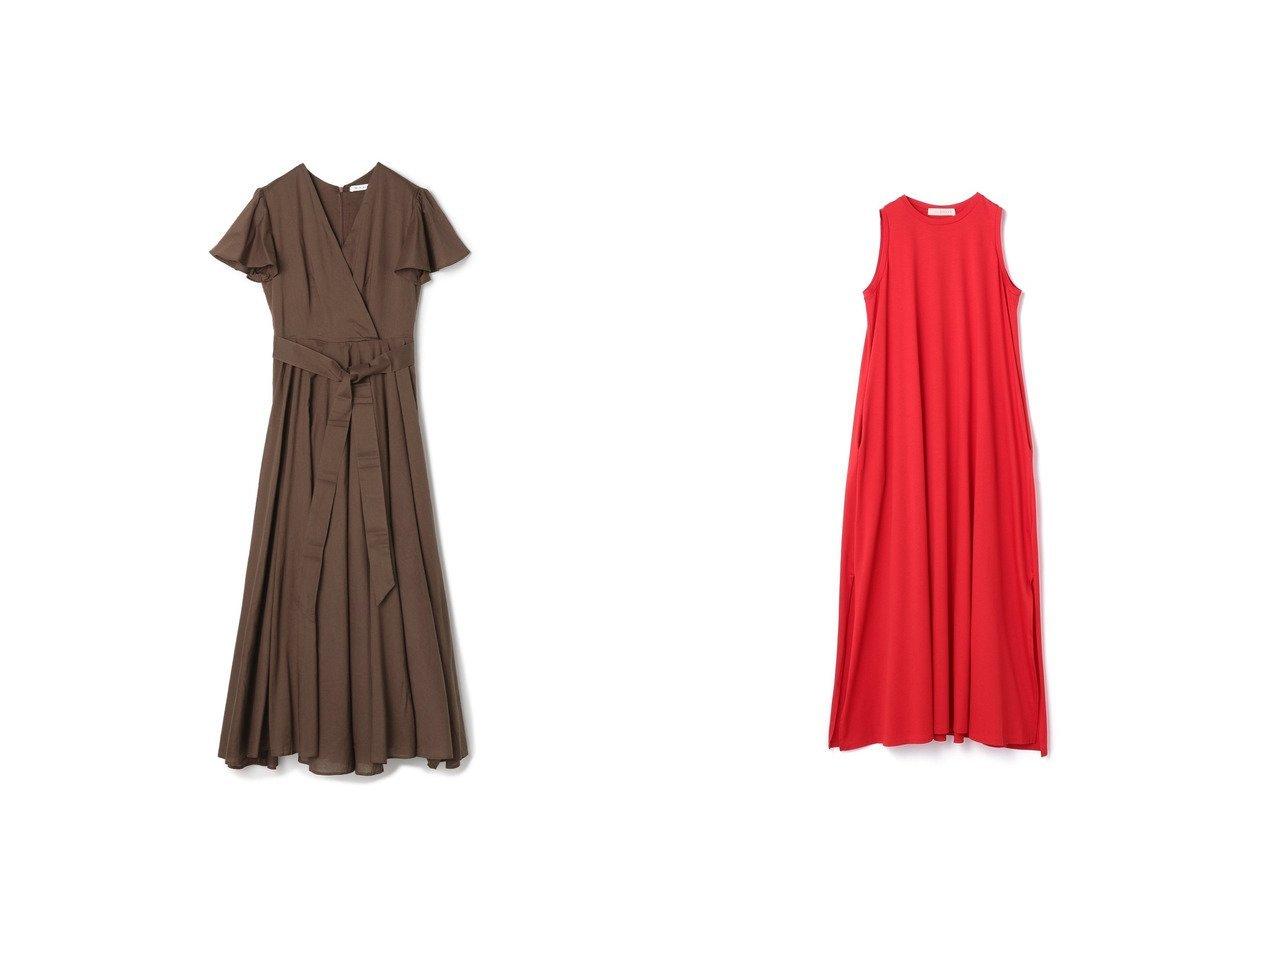 【ESTNATION/エストネーション】のジャージーマキシワンピース&【MARIHA/マリハ】のウエストリボンフレアワンピース おすすめ!人気、トレンド・レディースファッションの通販  おすすめで人気の流行・トレンド、ファッションの通販商品 メンズファッション・キッズファッション・インテリア・家具・レディースファッション・服の通販 founy(ファニー) https://founy.com/ ファッション Fashion レディースファッション WOMEN ワンピース Dress マキシワンピース Maxi Dress リゾート 再入荷 Restock/Back in Stock/Re Arrival |ID:crp329100000014074